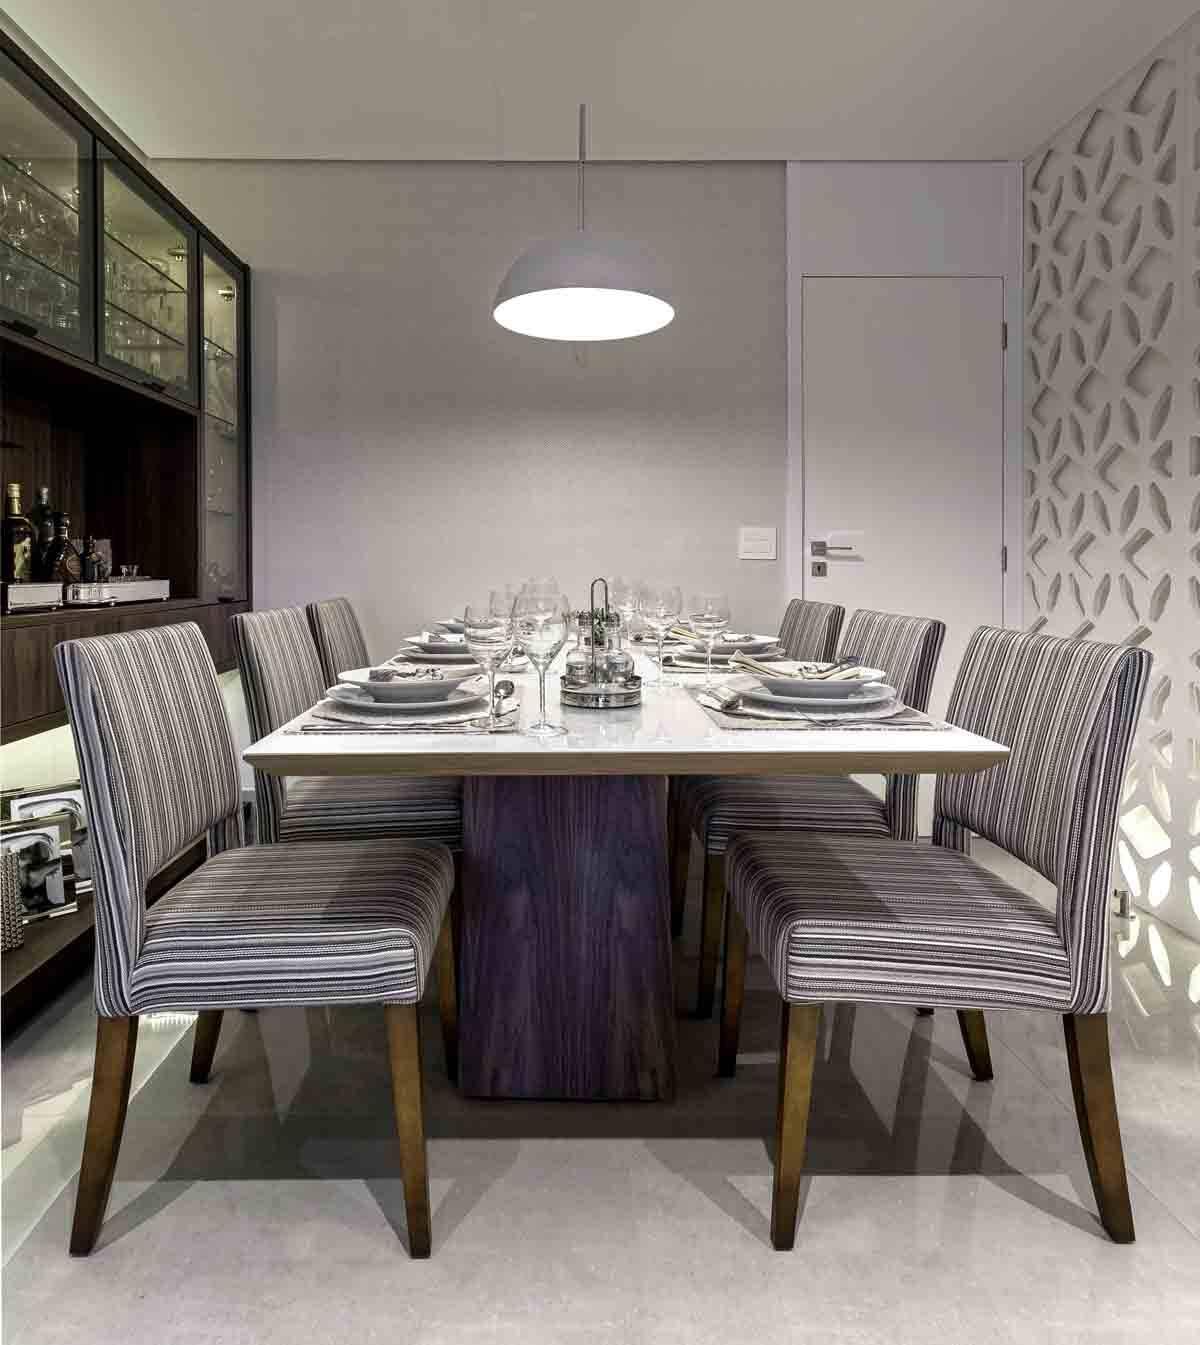 Ao invés do tradicional buffet, a arquiteta projetou uma cristaleira na sala de jantar para armazenar as louças. Os tamanhos variados ajudam a organizar tudo | Projeto: Cristiane Schiavoni | Foto: Carlos Piratininga